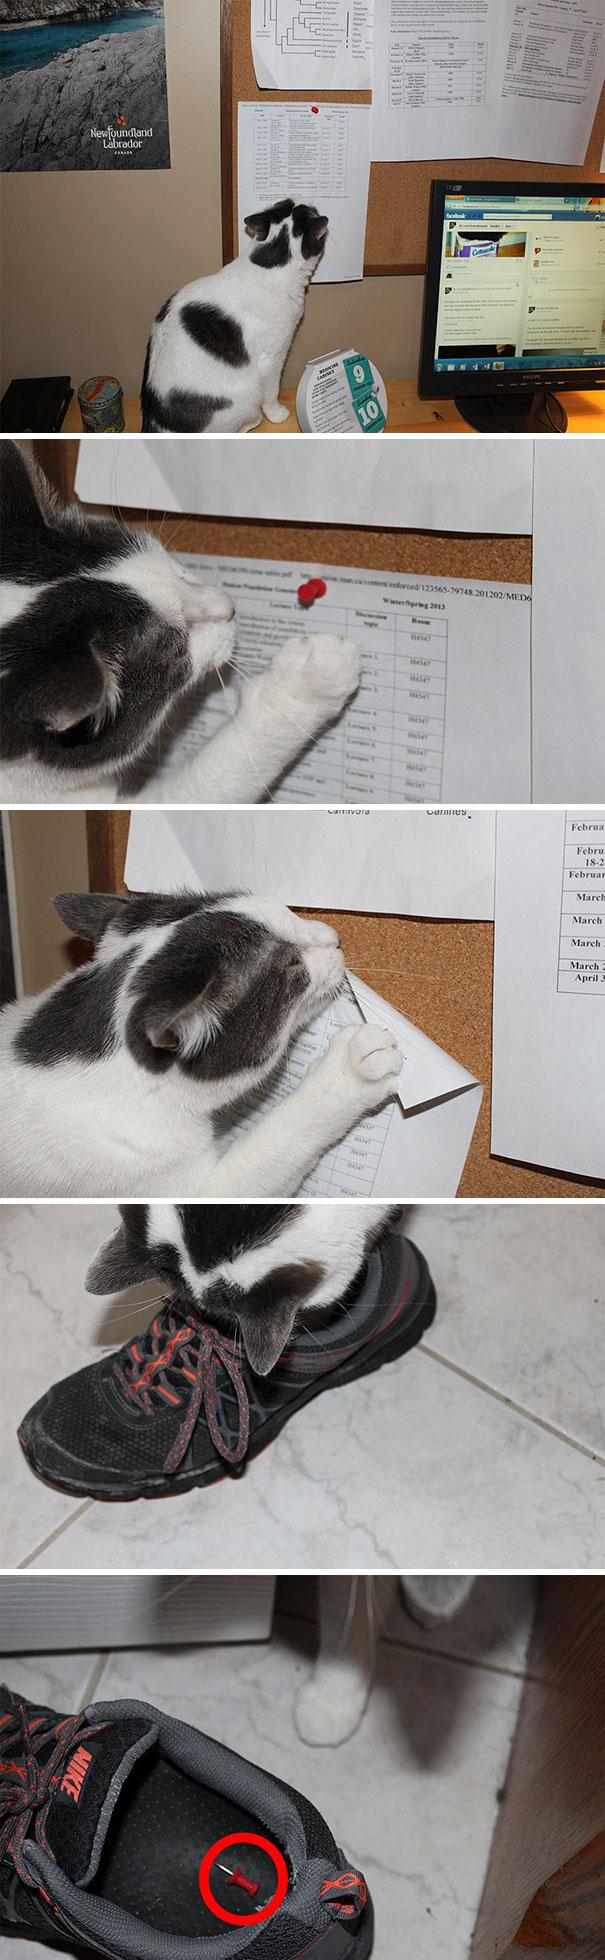 кот вынимает кнопку из стены